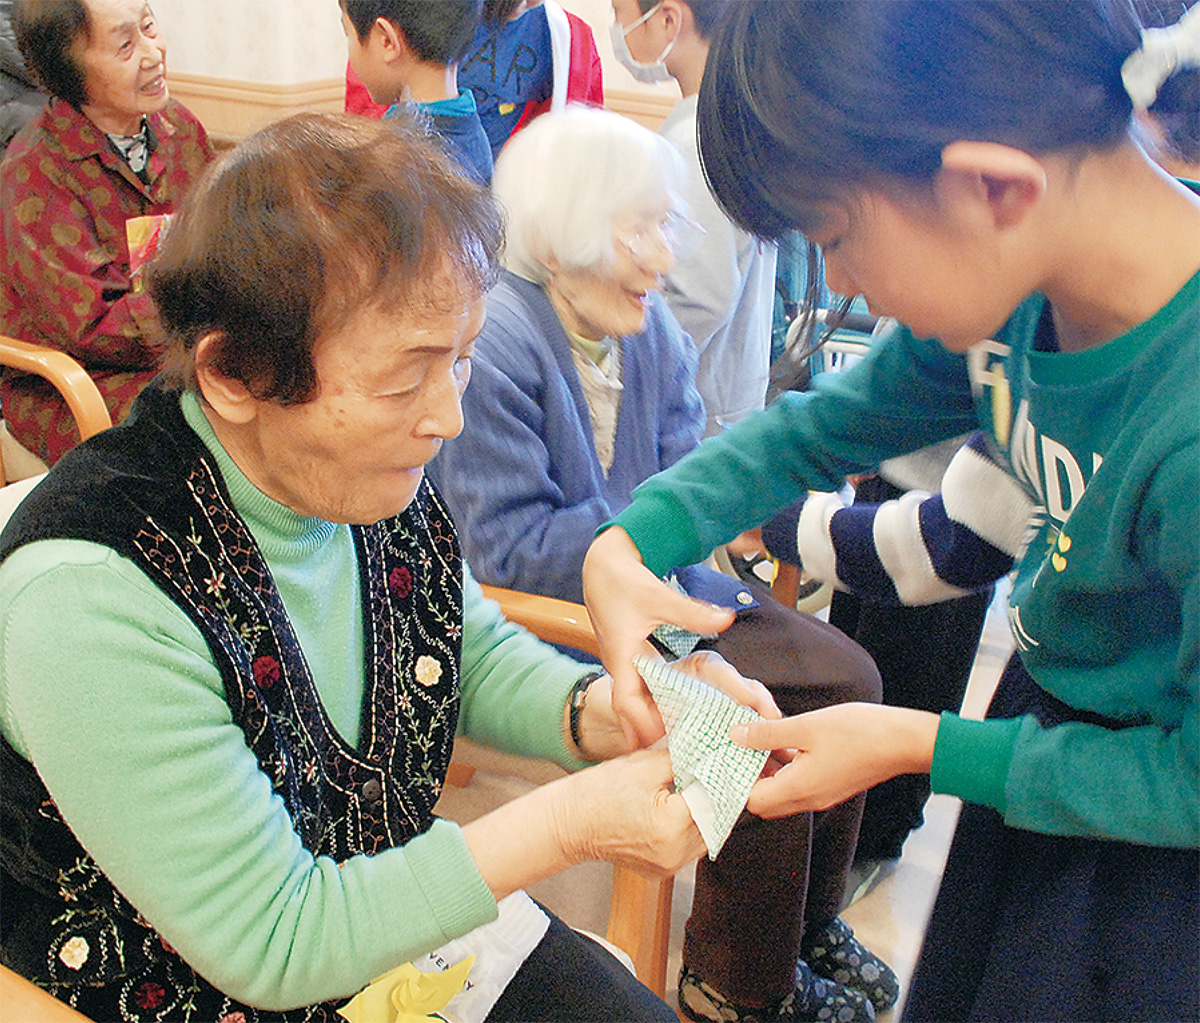 児童と折り紙交流